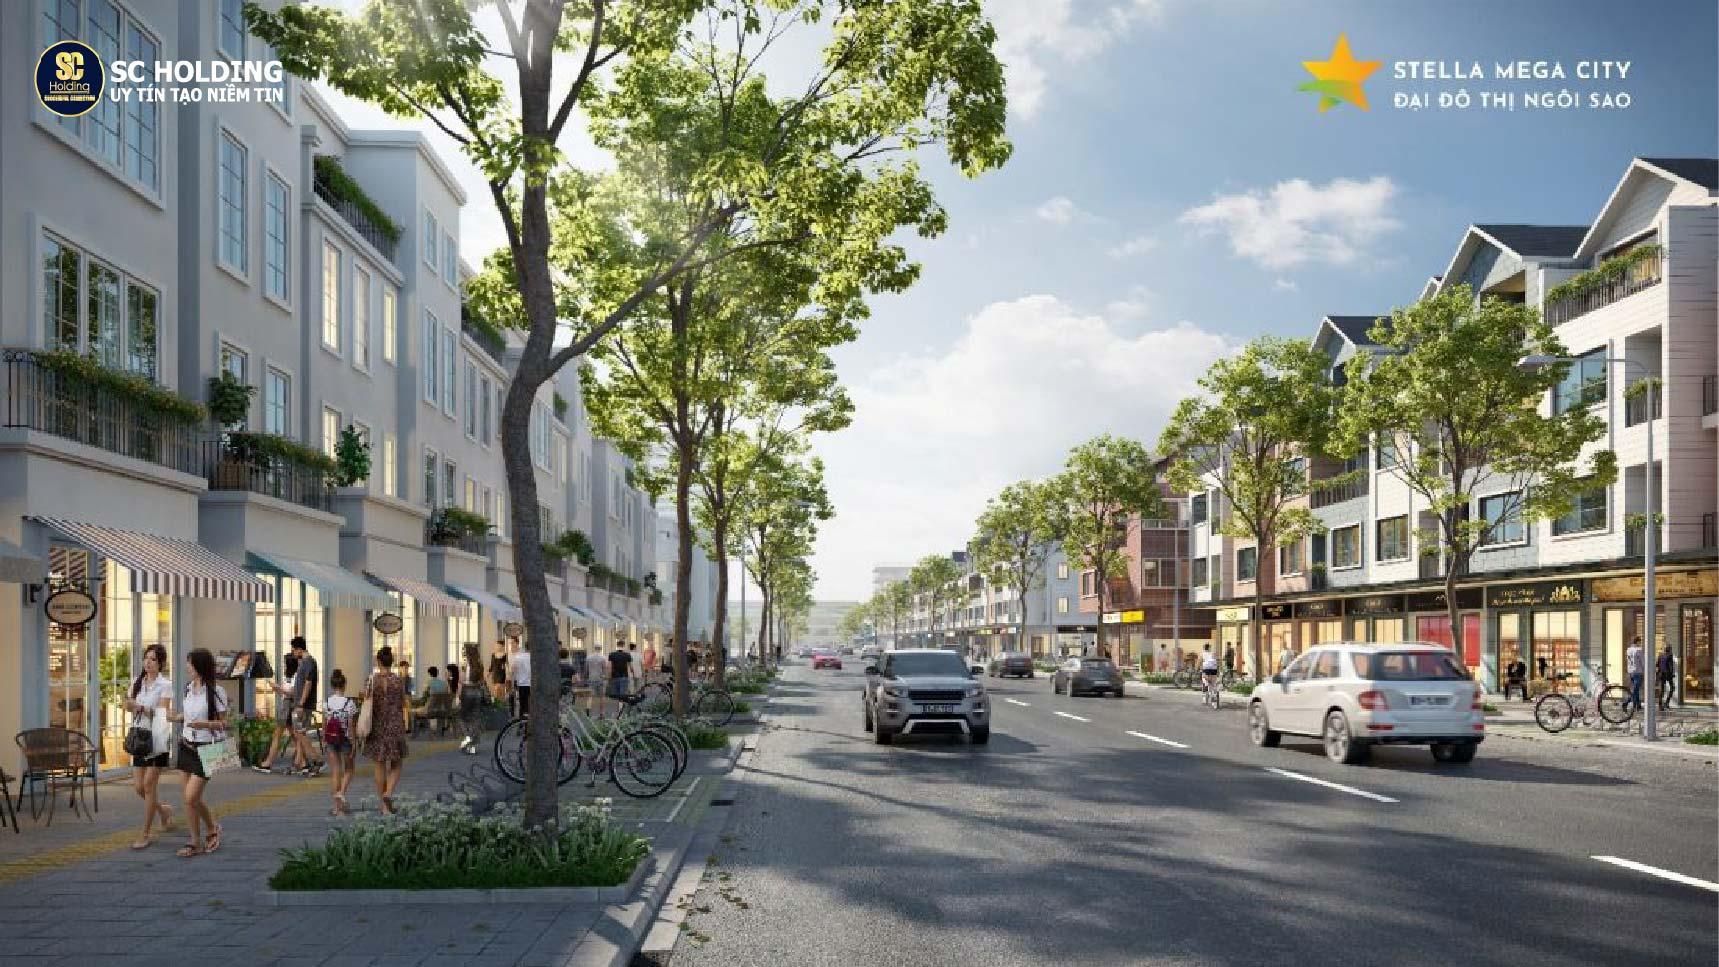 Sở hữu BĐS trung tâm dự án đô thị Stella Mega City chỉ với 590 triệu đồng